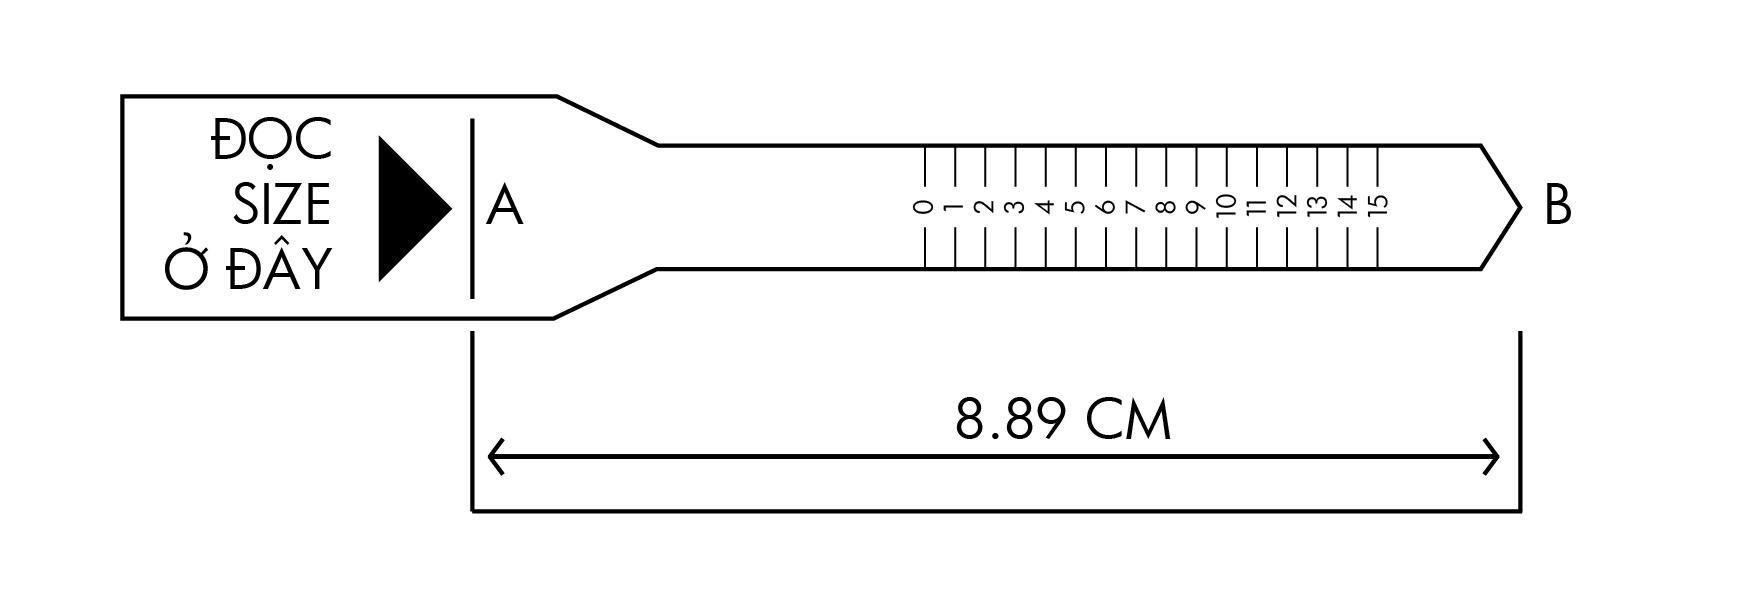 Đo size nhẫn với giấy đo